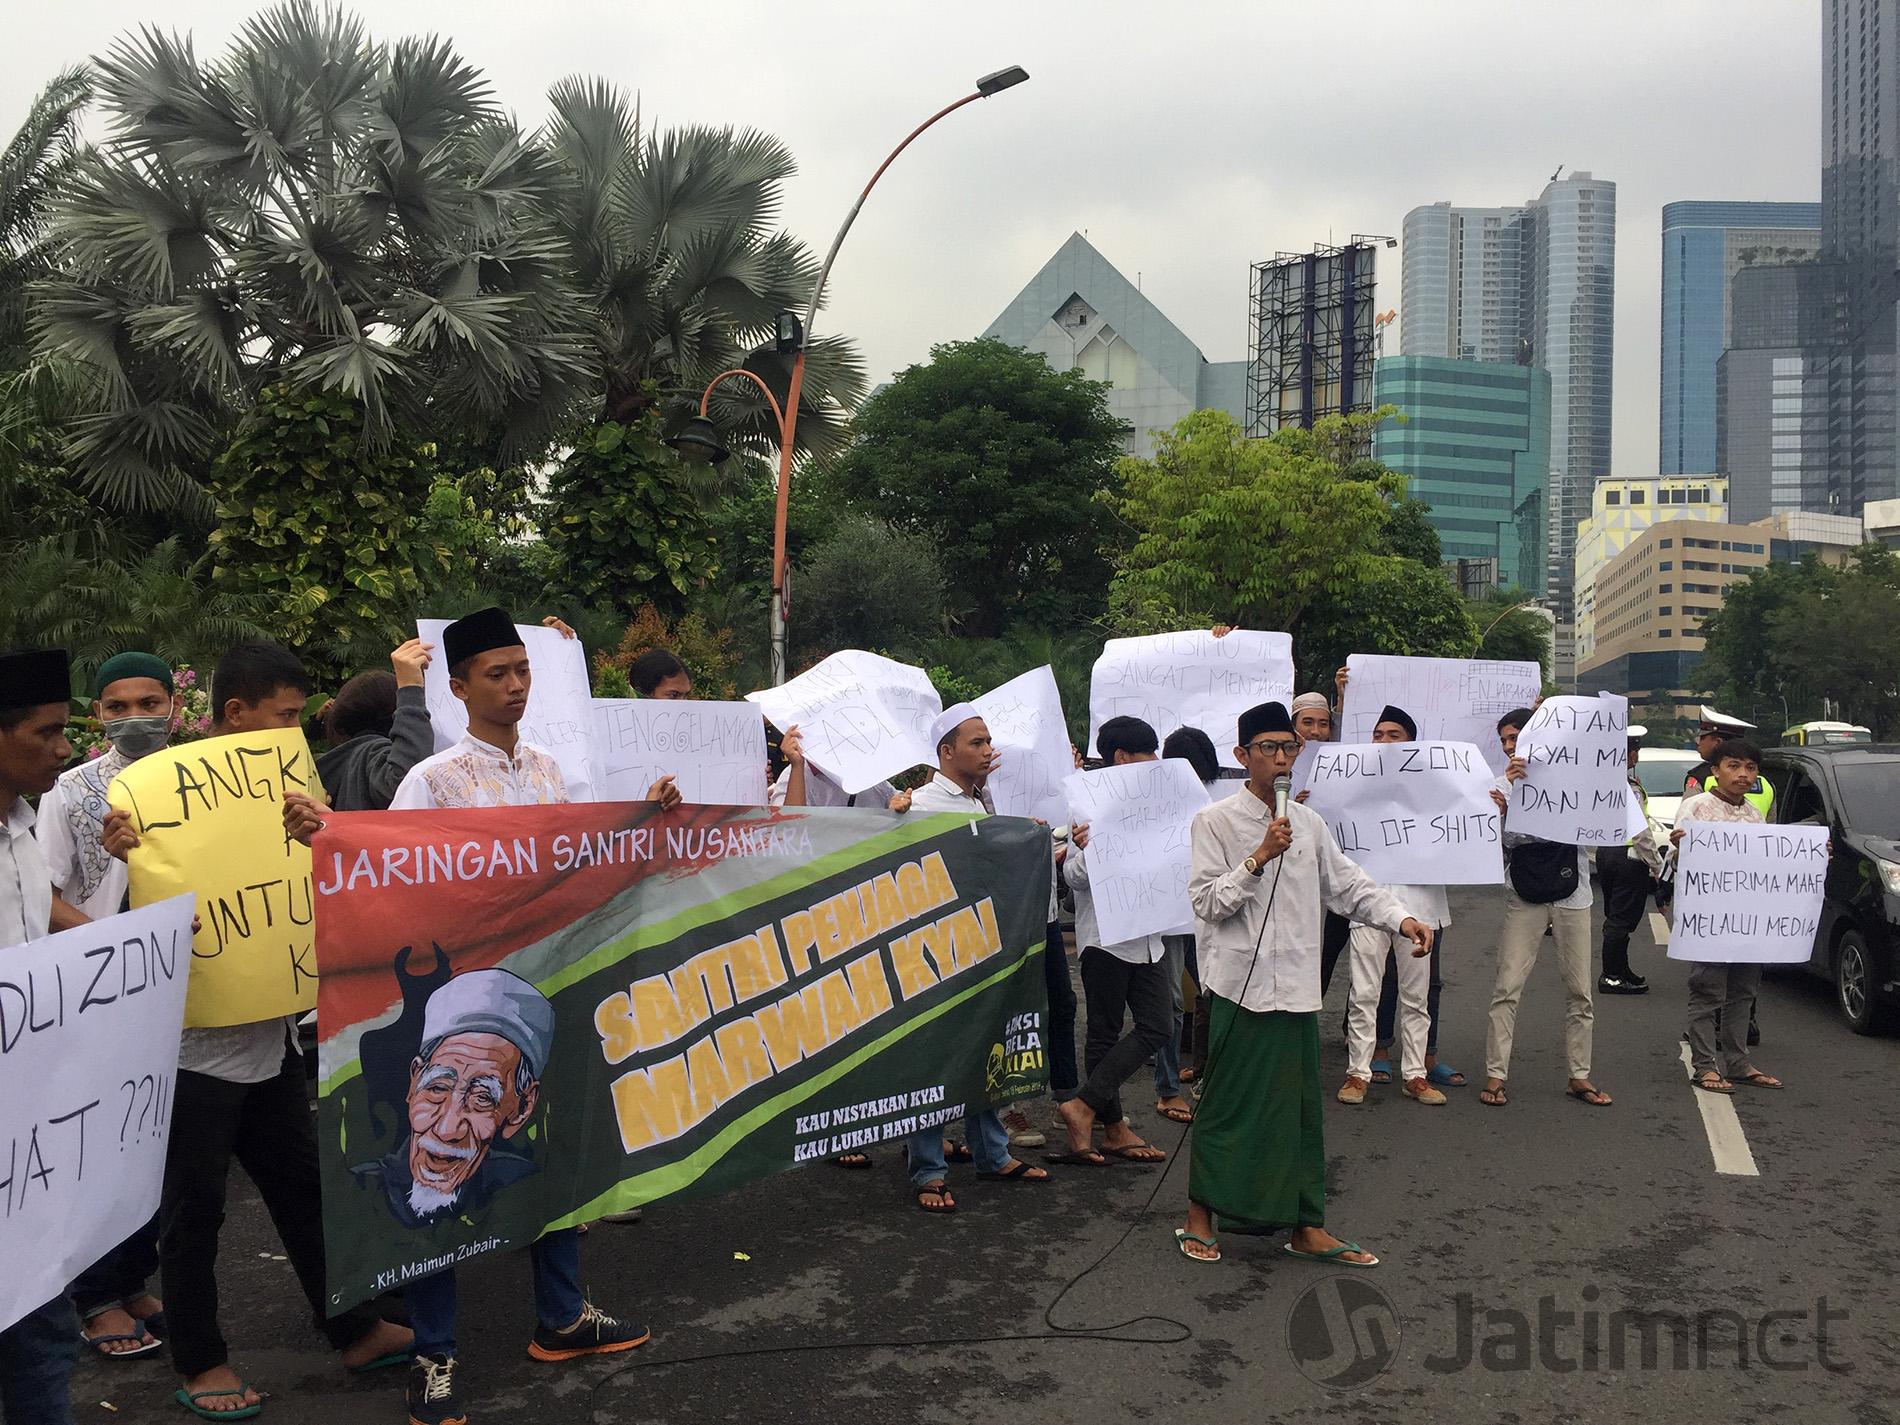 Jaringan Santri Nusantara Ancam Polisikan Fadli Zon